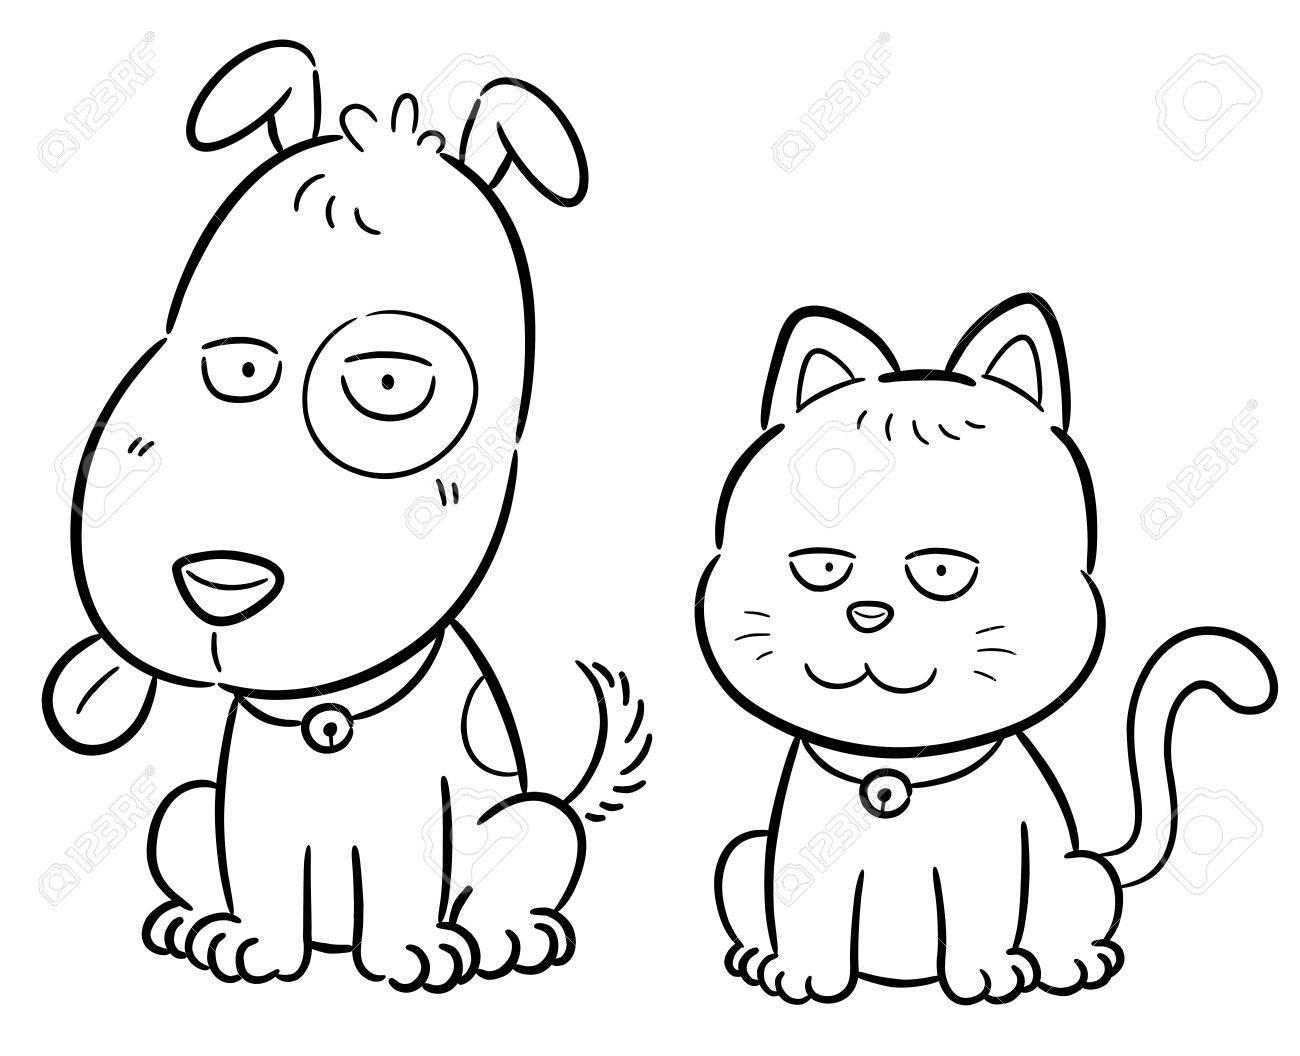 Ilustración Vectorial De Dibujos Animados Del Gato Y Perro - Libro ...